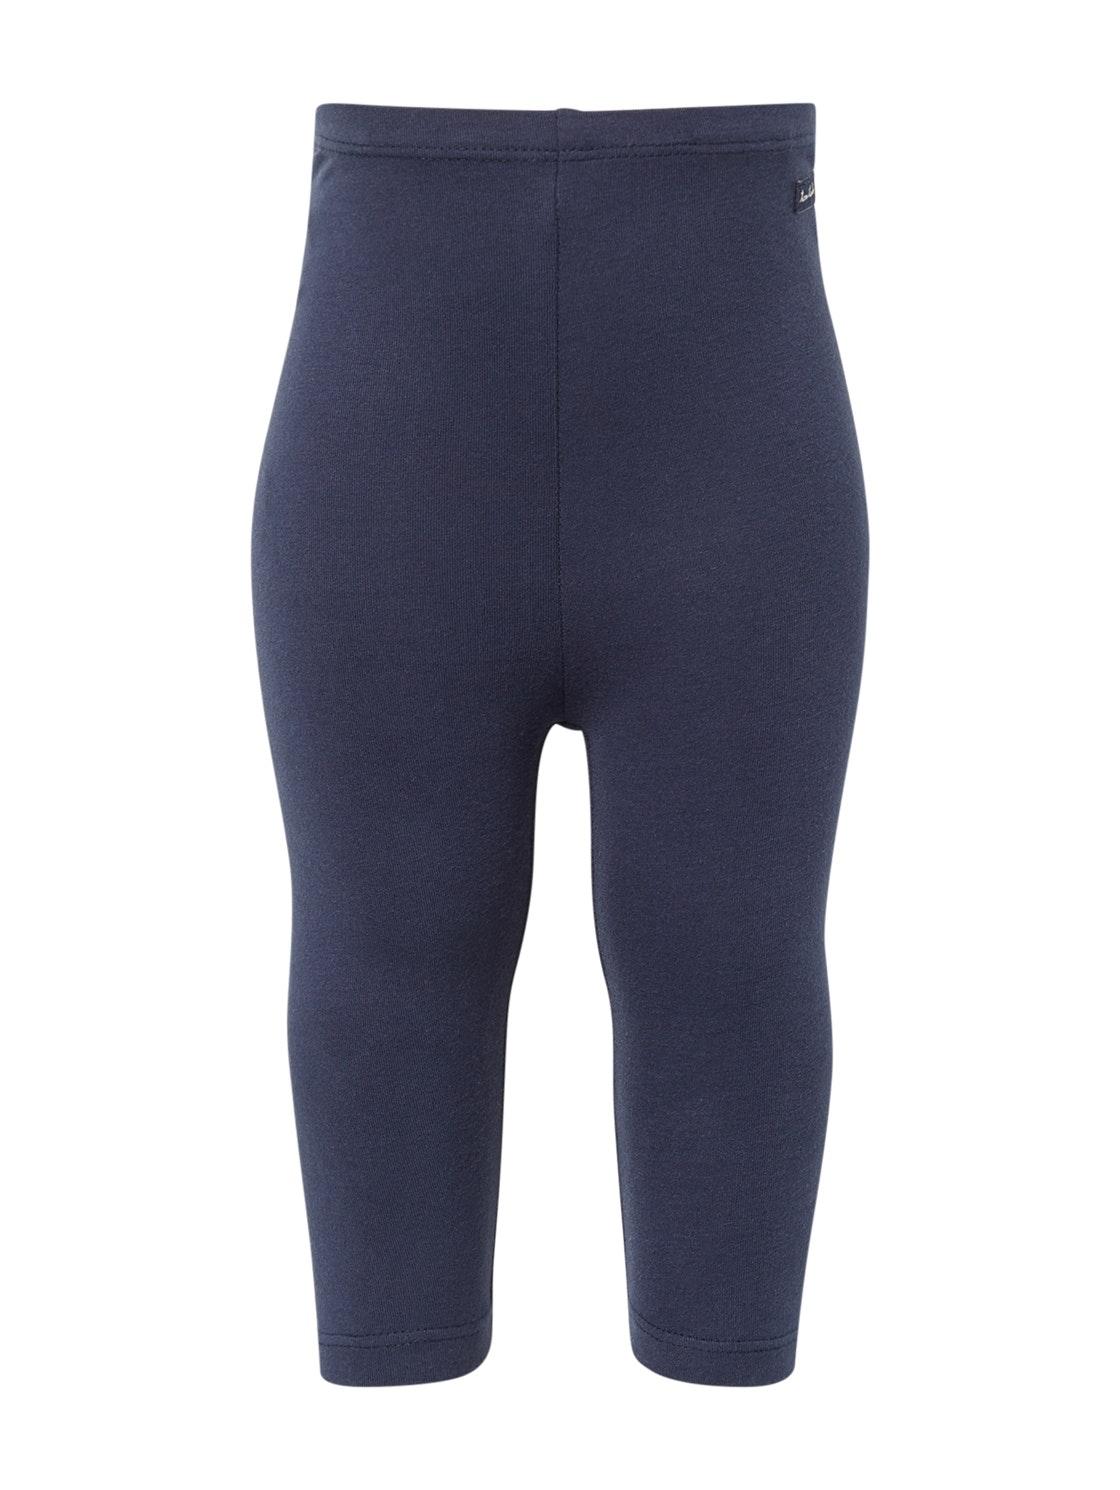 leggings solid, black iris-blue